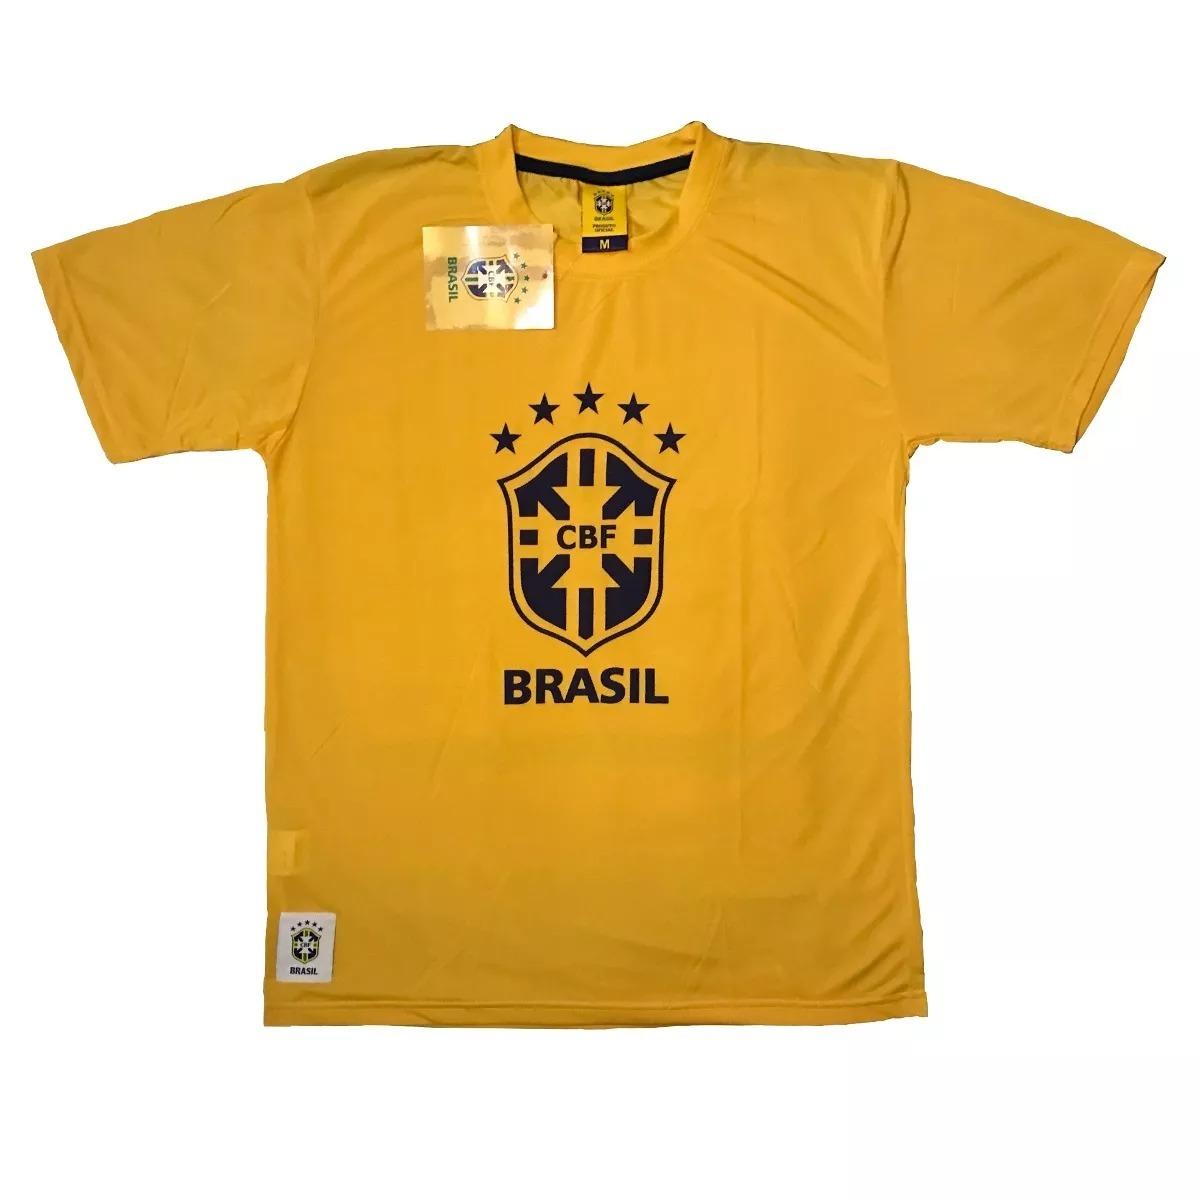 3190805dd camiseta cbf oficial torcida seleção brasileira copa futebol. Carregando  zoom.